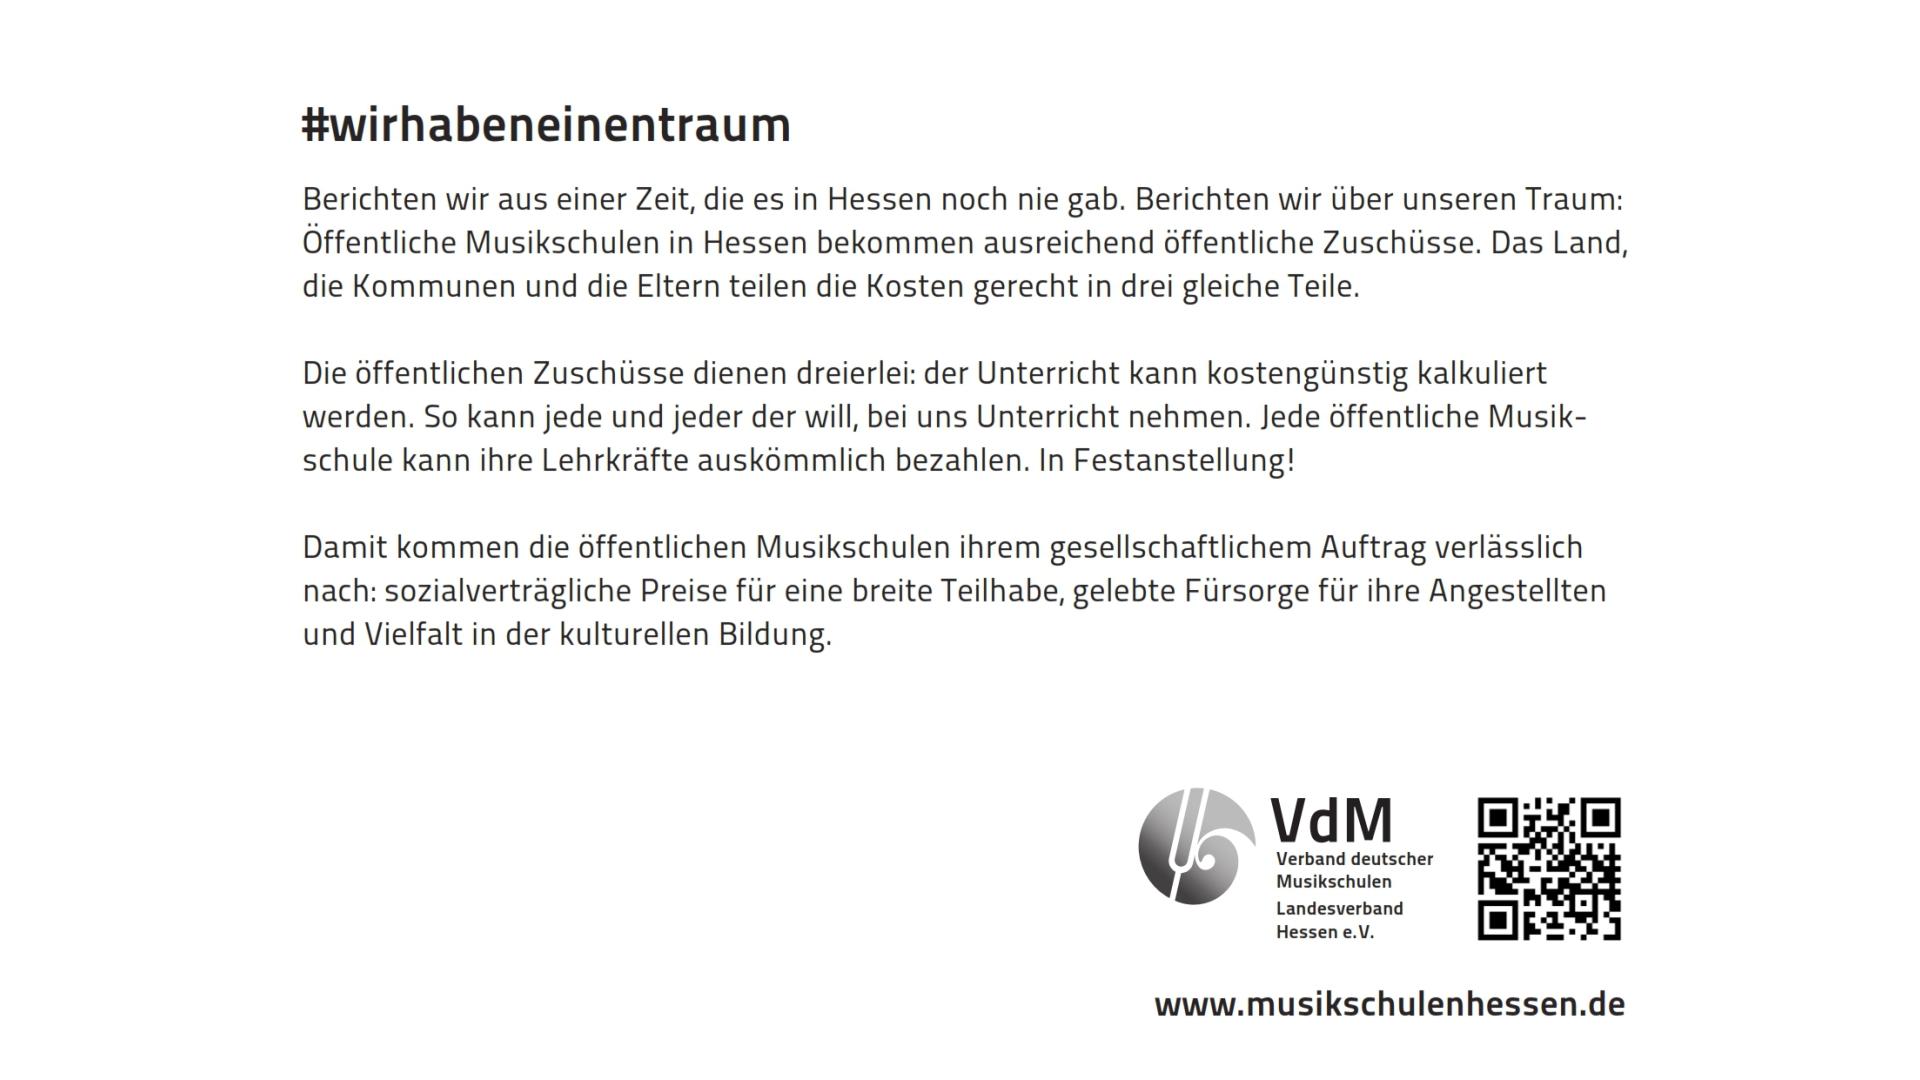 #wirhabeneinentraum   Öffentlichkeitsarbeit für die Musikschulen im VdM Hessen